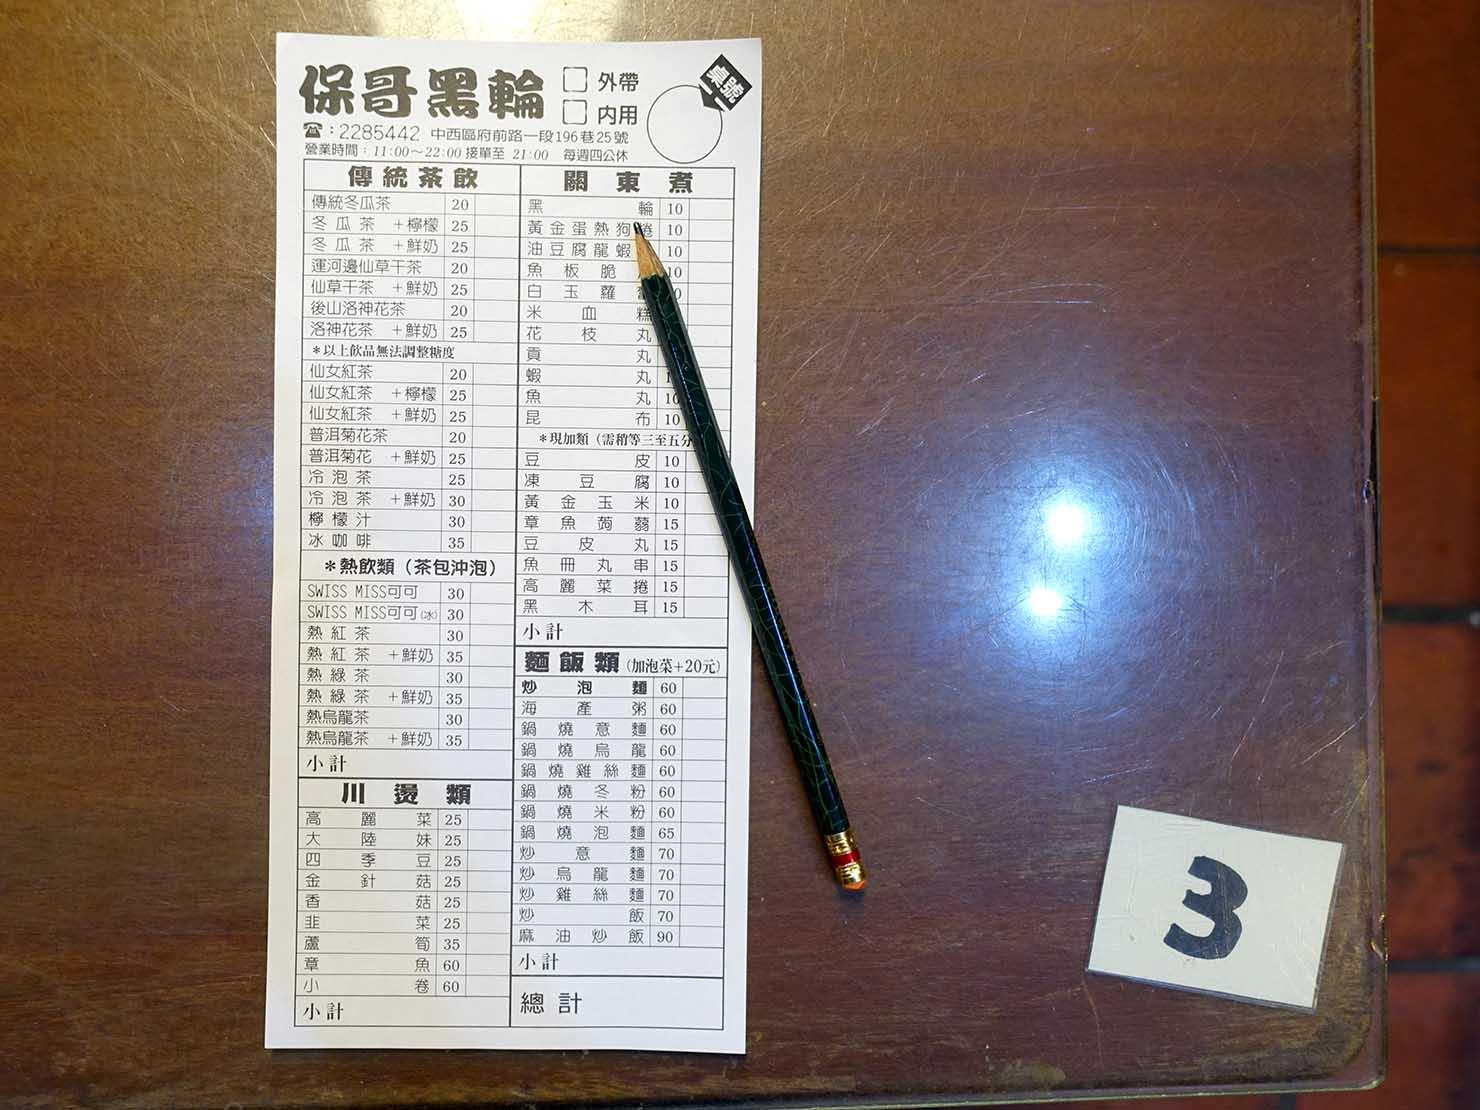 台南・孔廟エリアのおすすめグルメ店「保哥黑輪」のメニュー